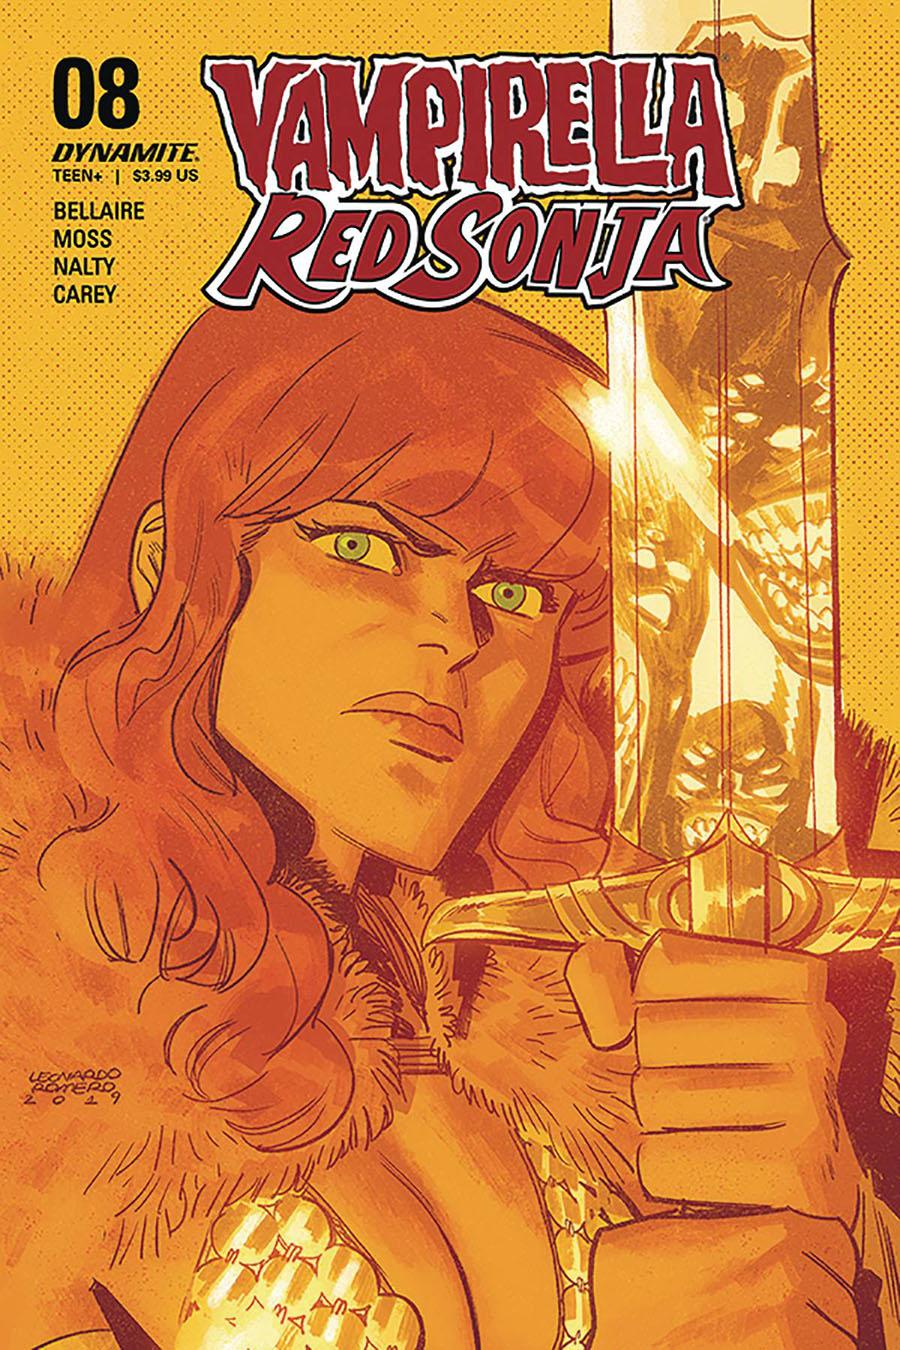 Vampirella Red Sonja #8 Cover C Variant Leonardo Romero Cover